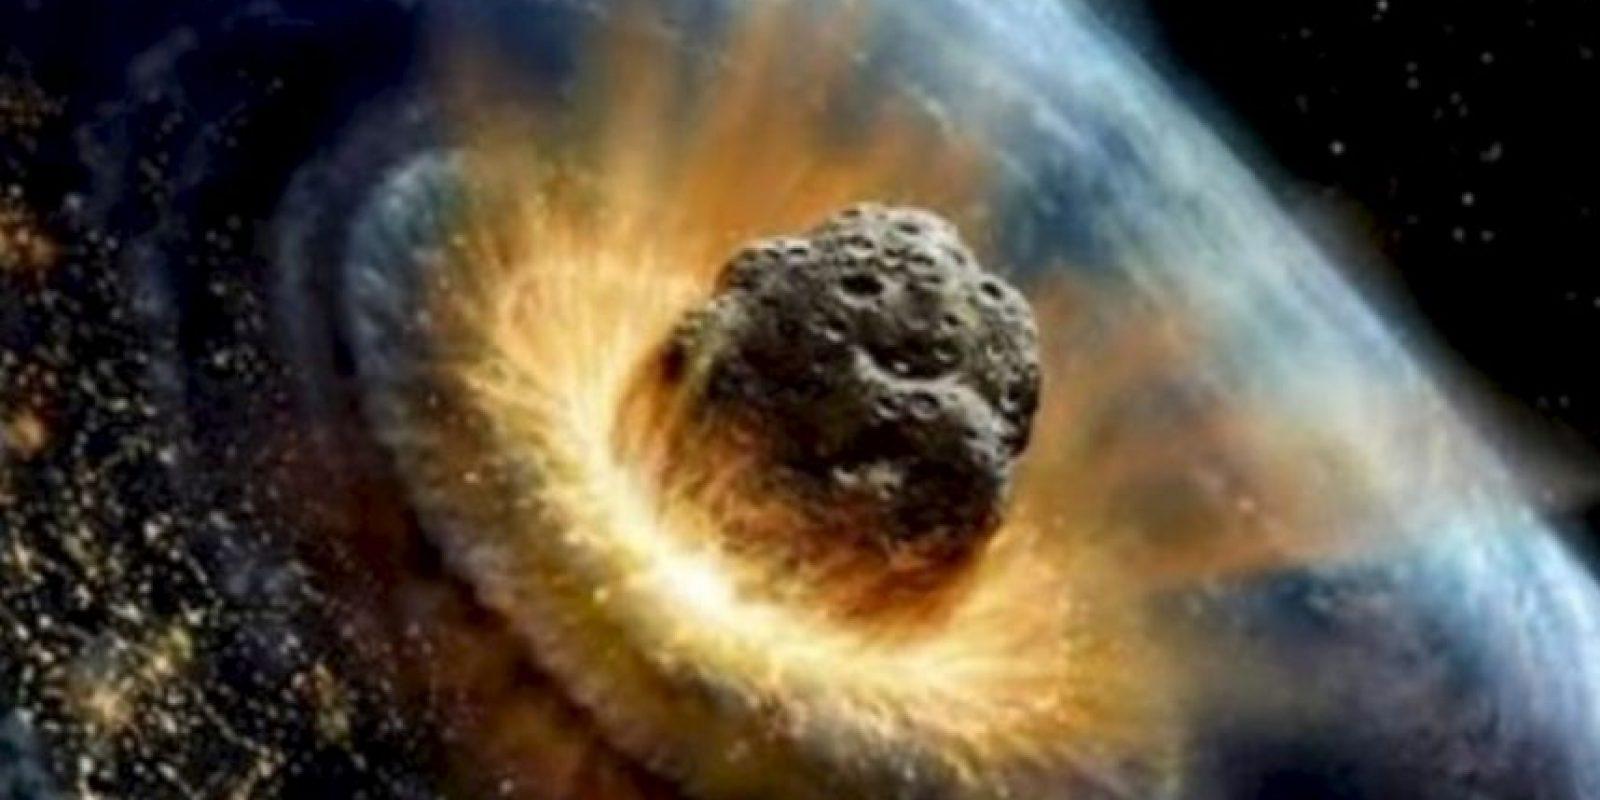 Todo asteroide de más de un kilómetro es clasificado como potencialmente peligroso (PHA). El que mató a los dinosaurios tenía 9 kilómetros. Foto:Astroart